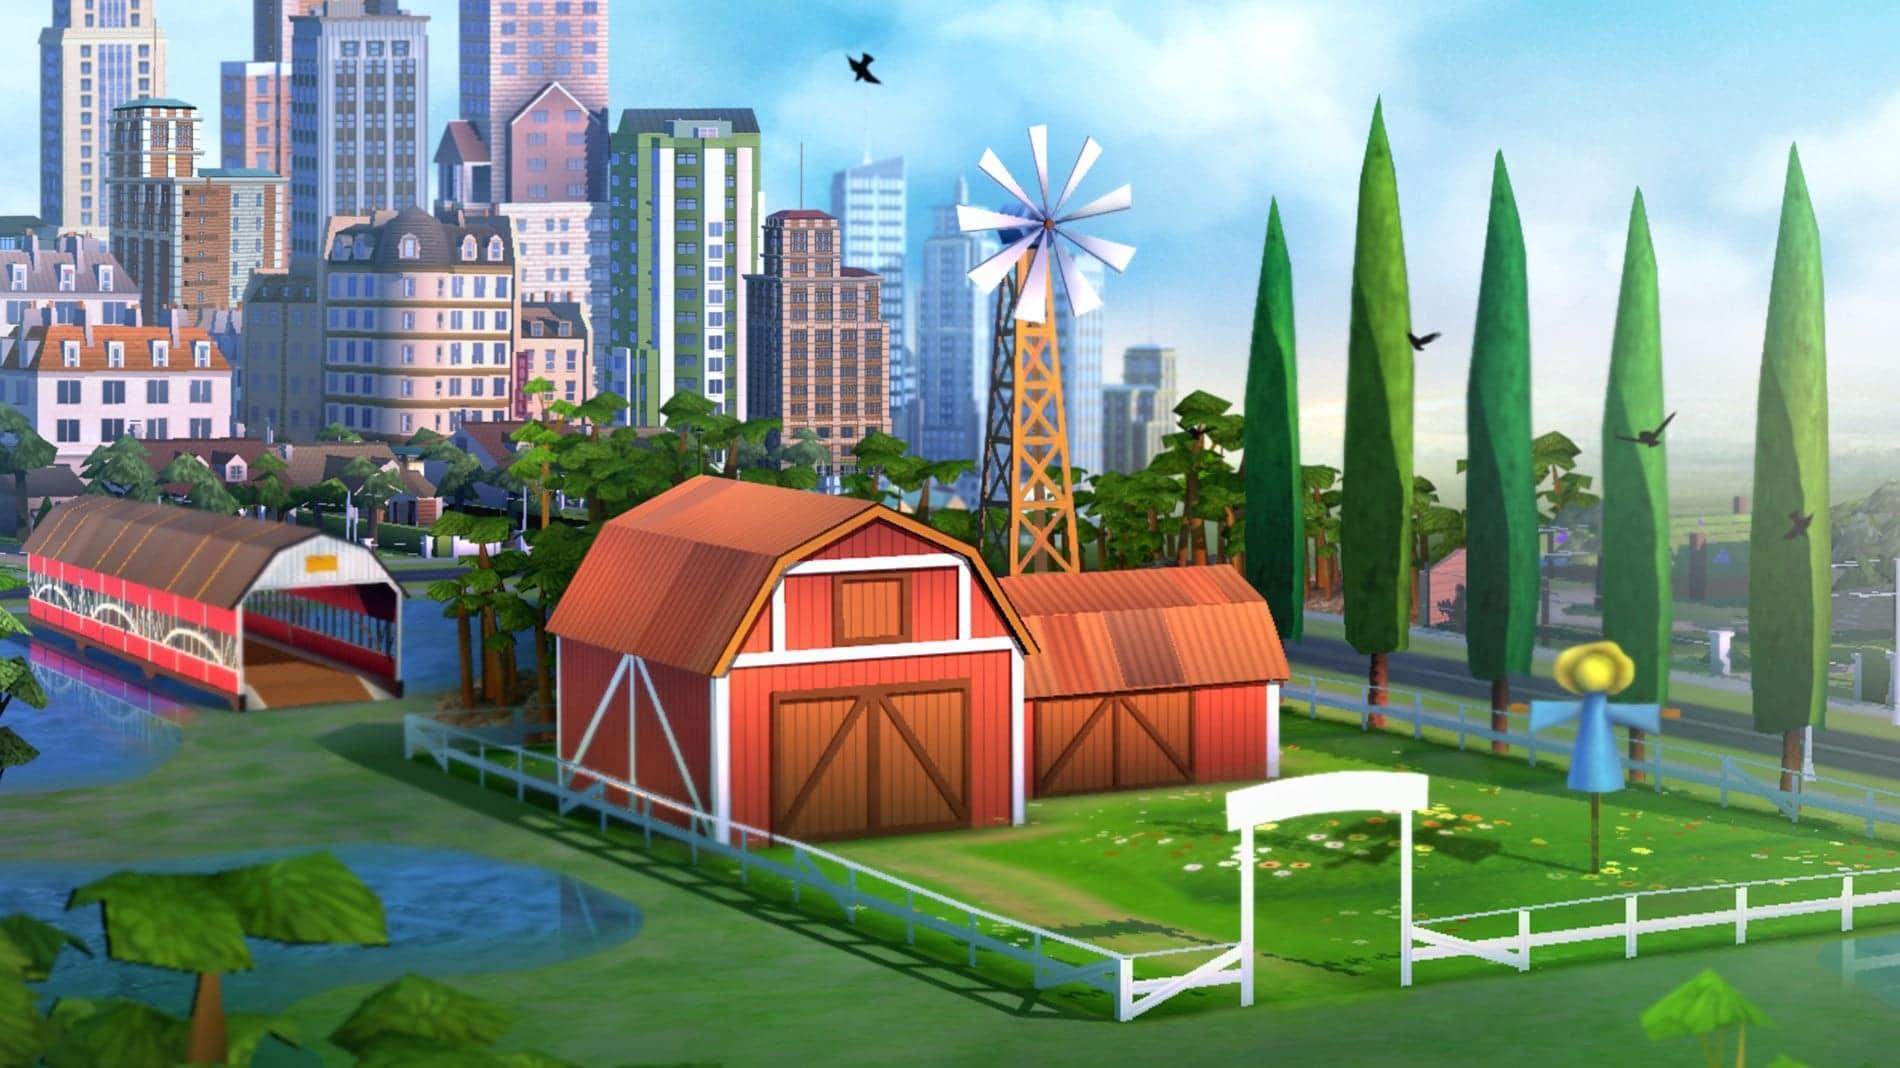 La campagne arrive dans Simcity Buildit